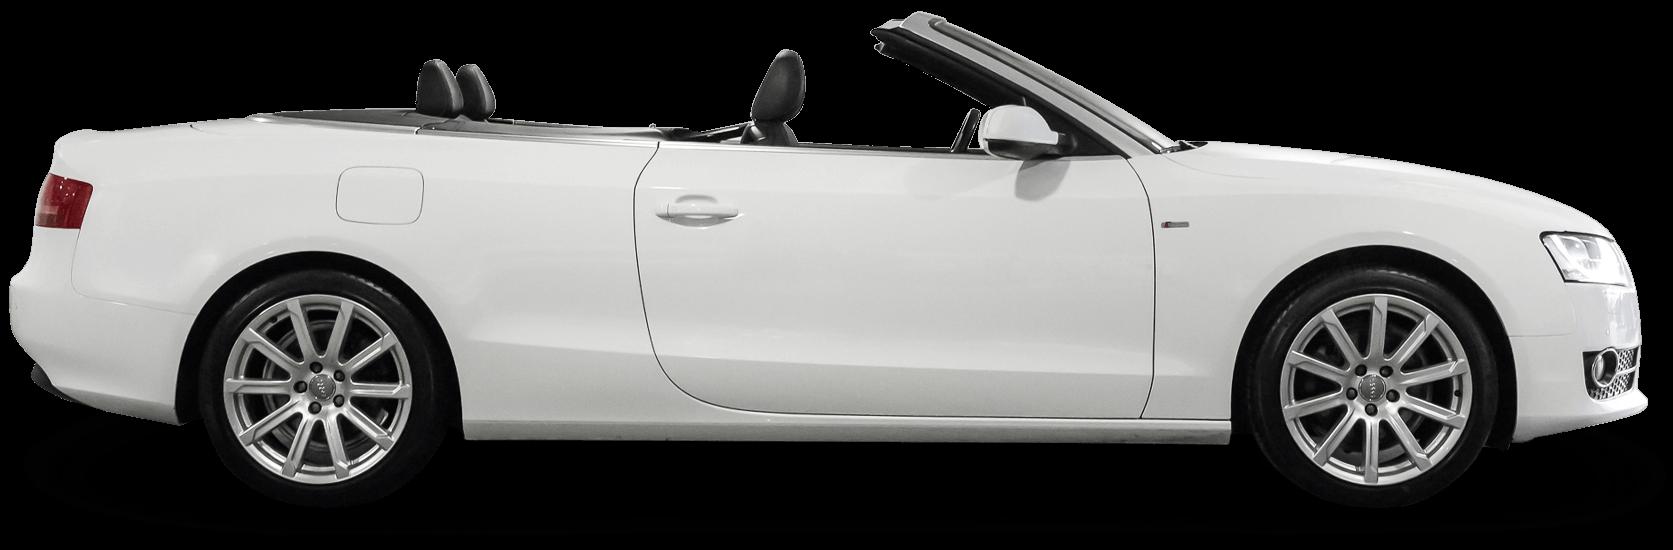 BMW weiß freigestellt front